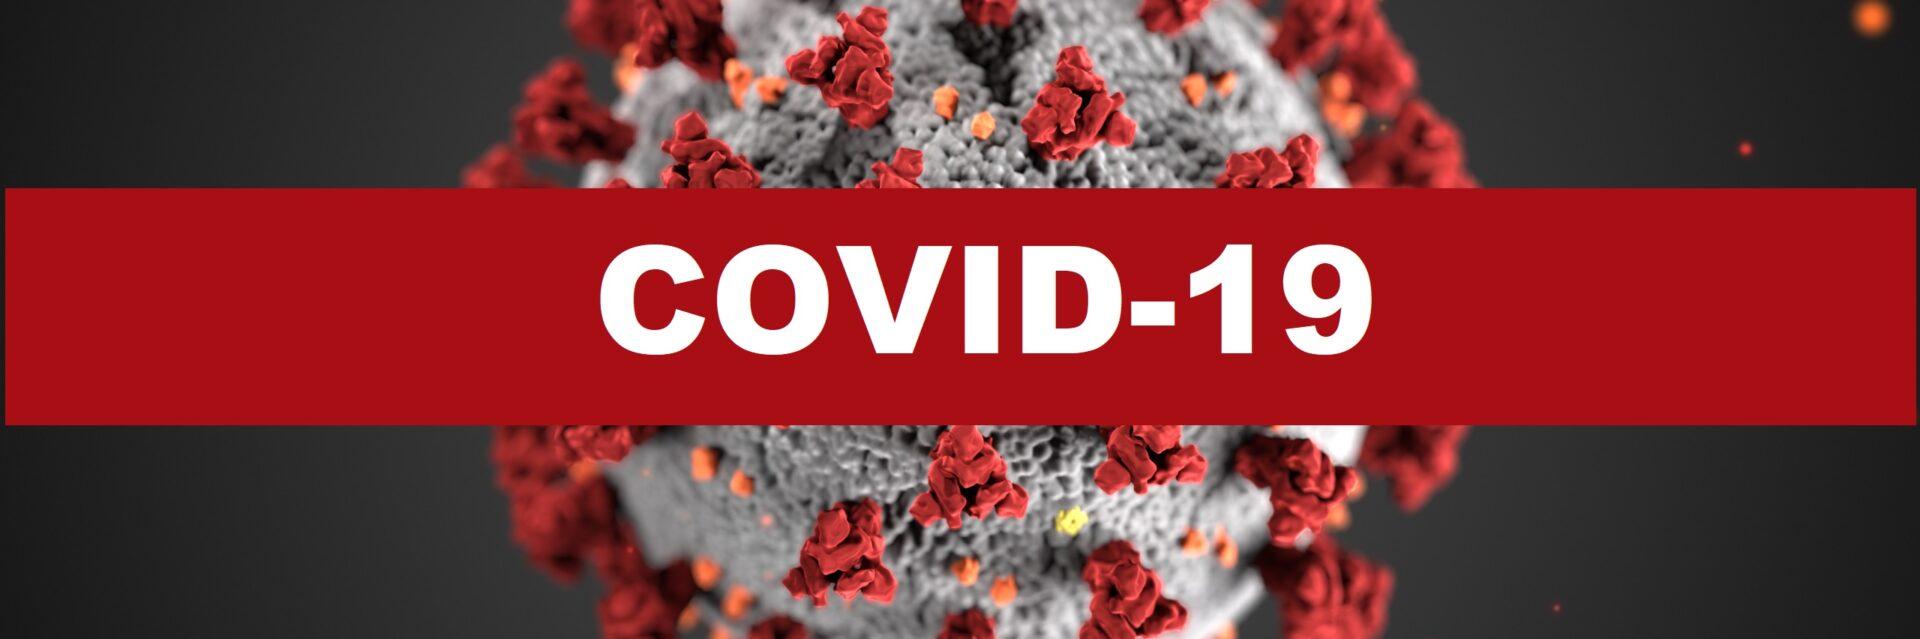 Covid 19 pic